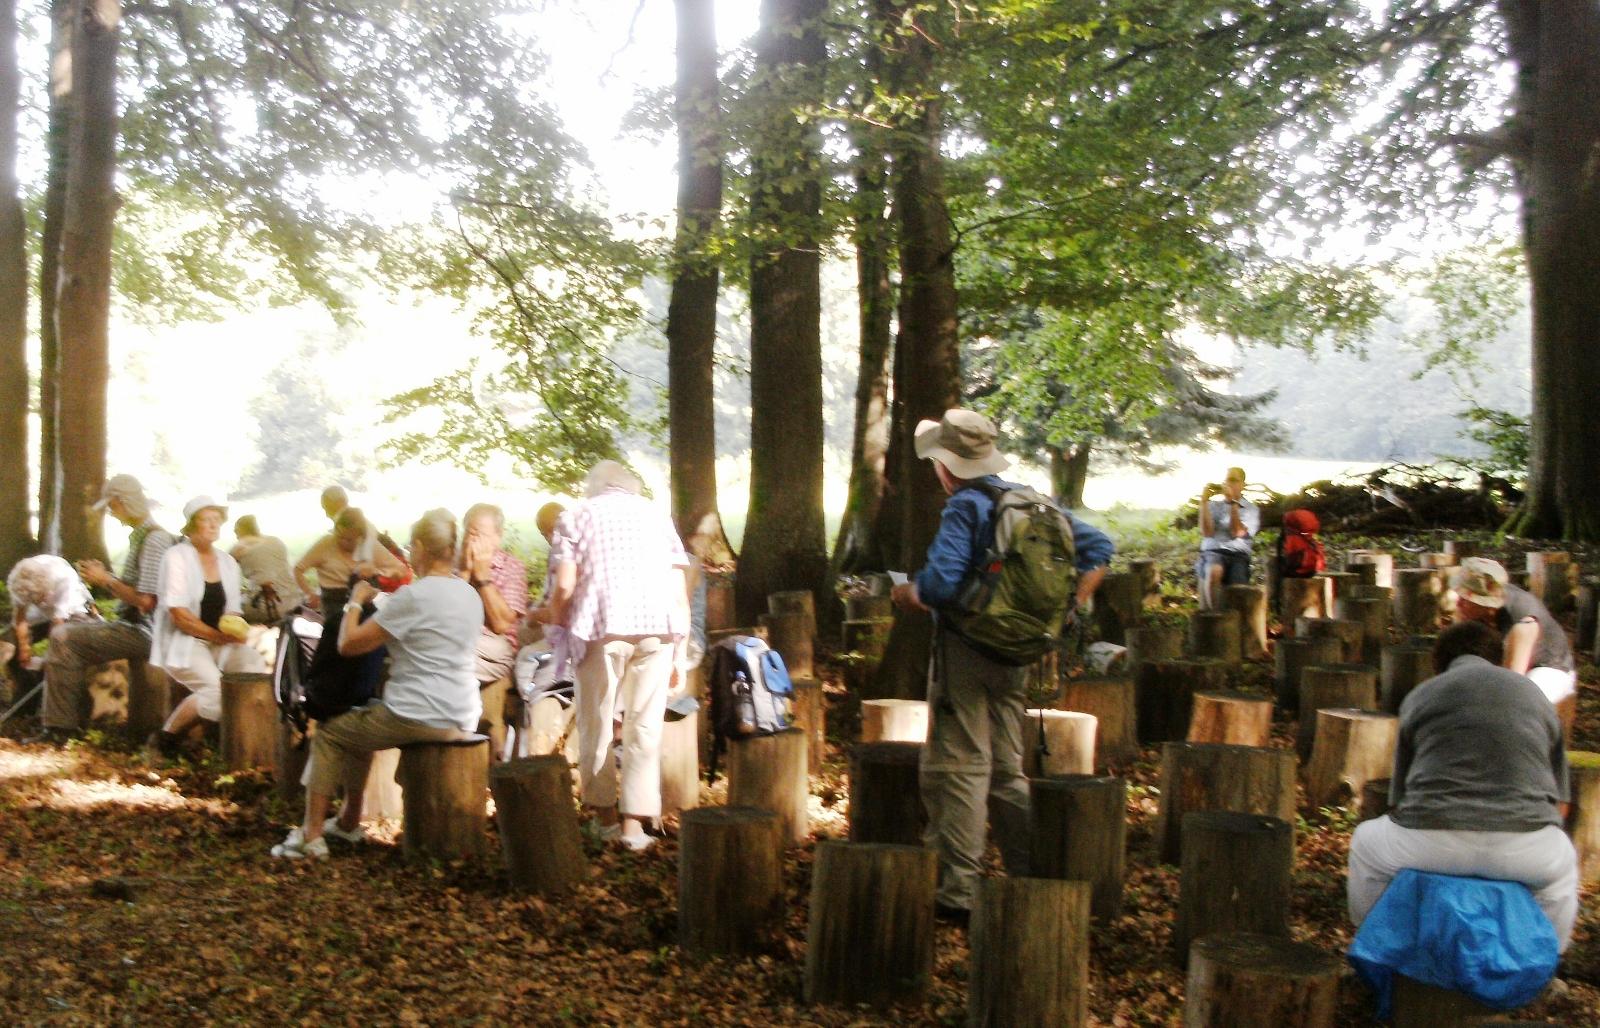 Taunusklub Bad Ems: August 2012